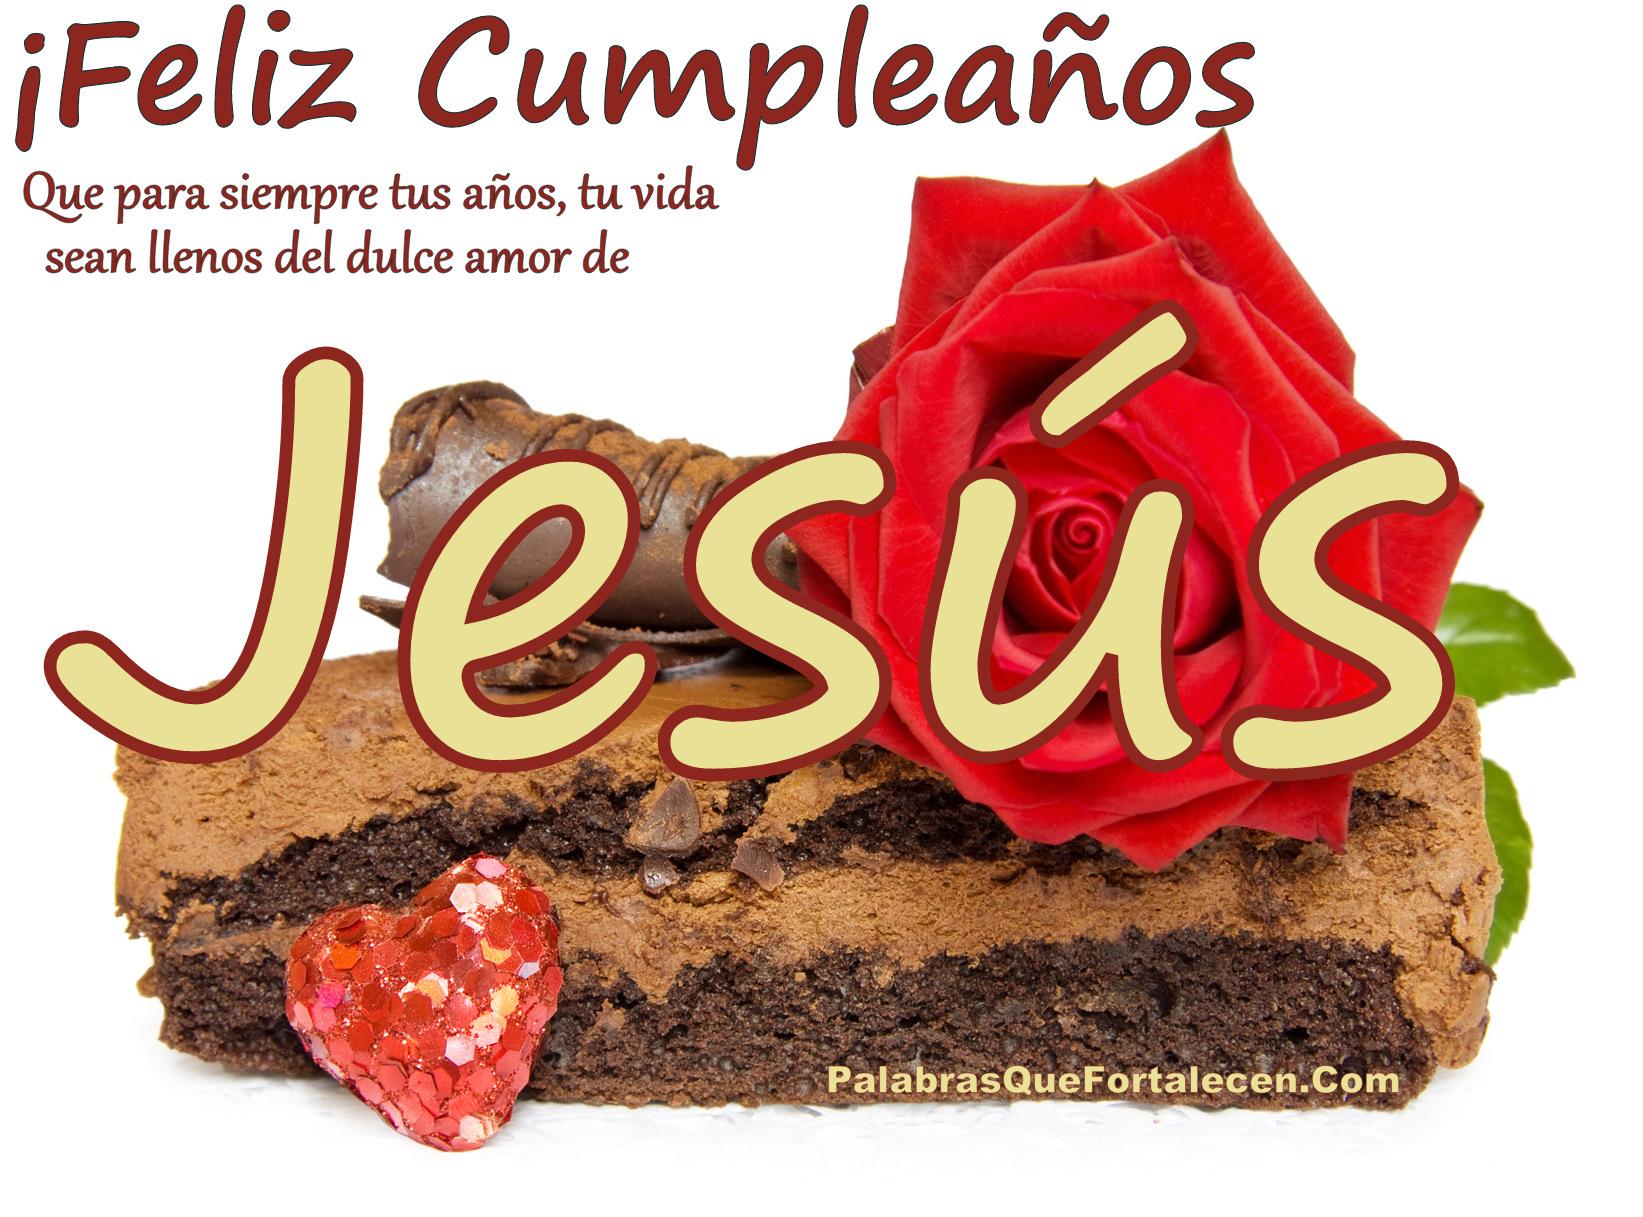 Cumpleaños en el dulce amor de Jesús - Palabras Que Fortalecen